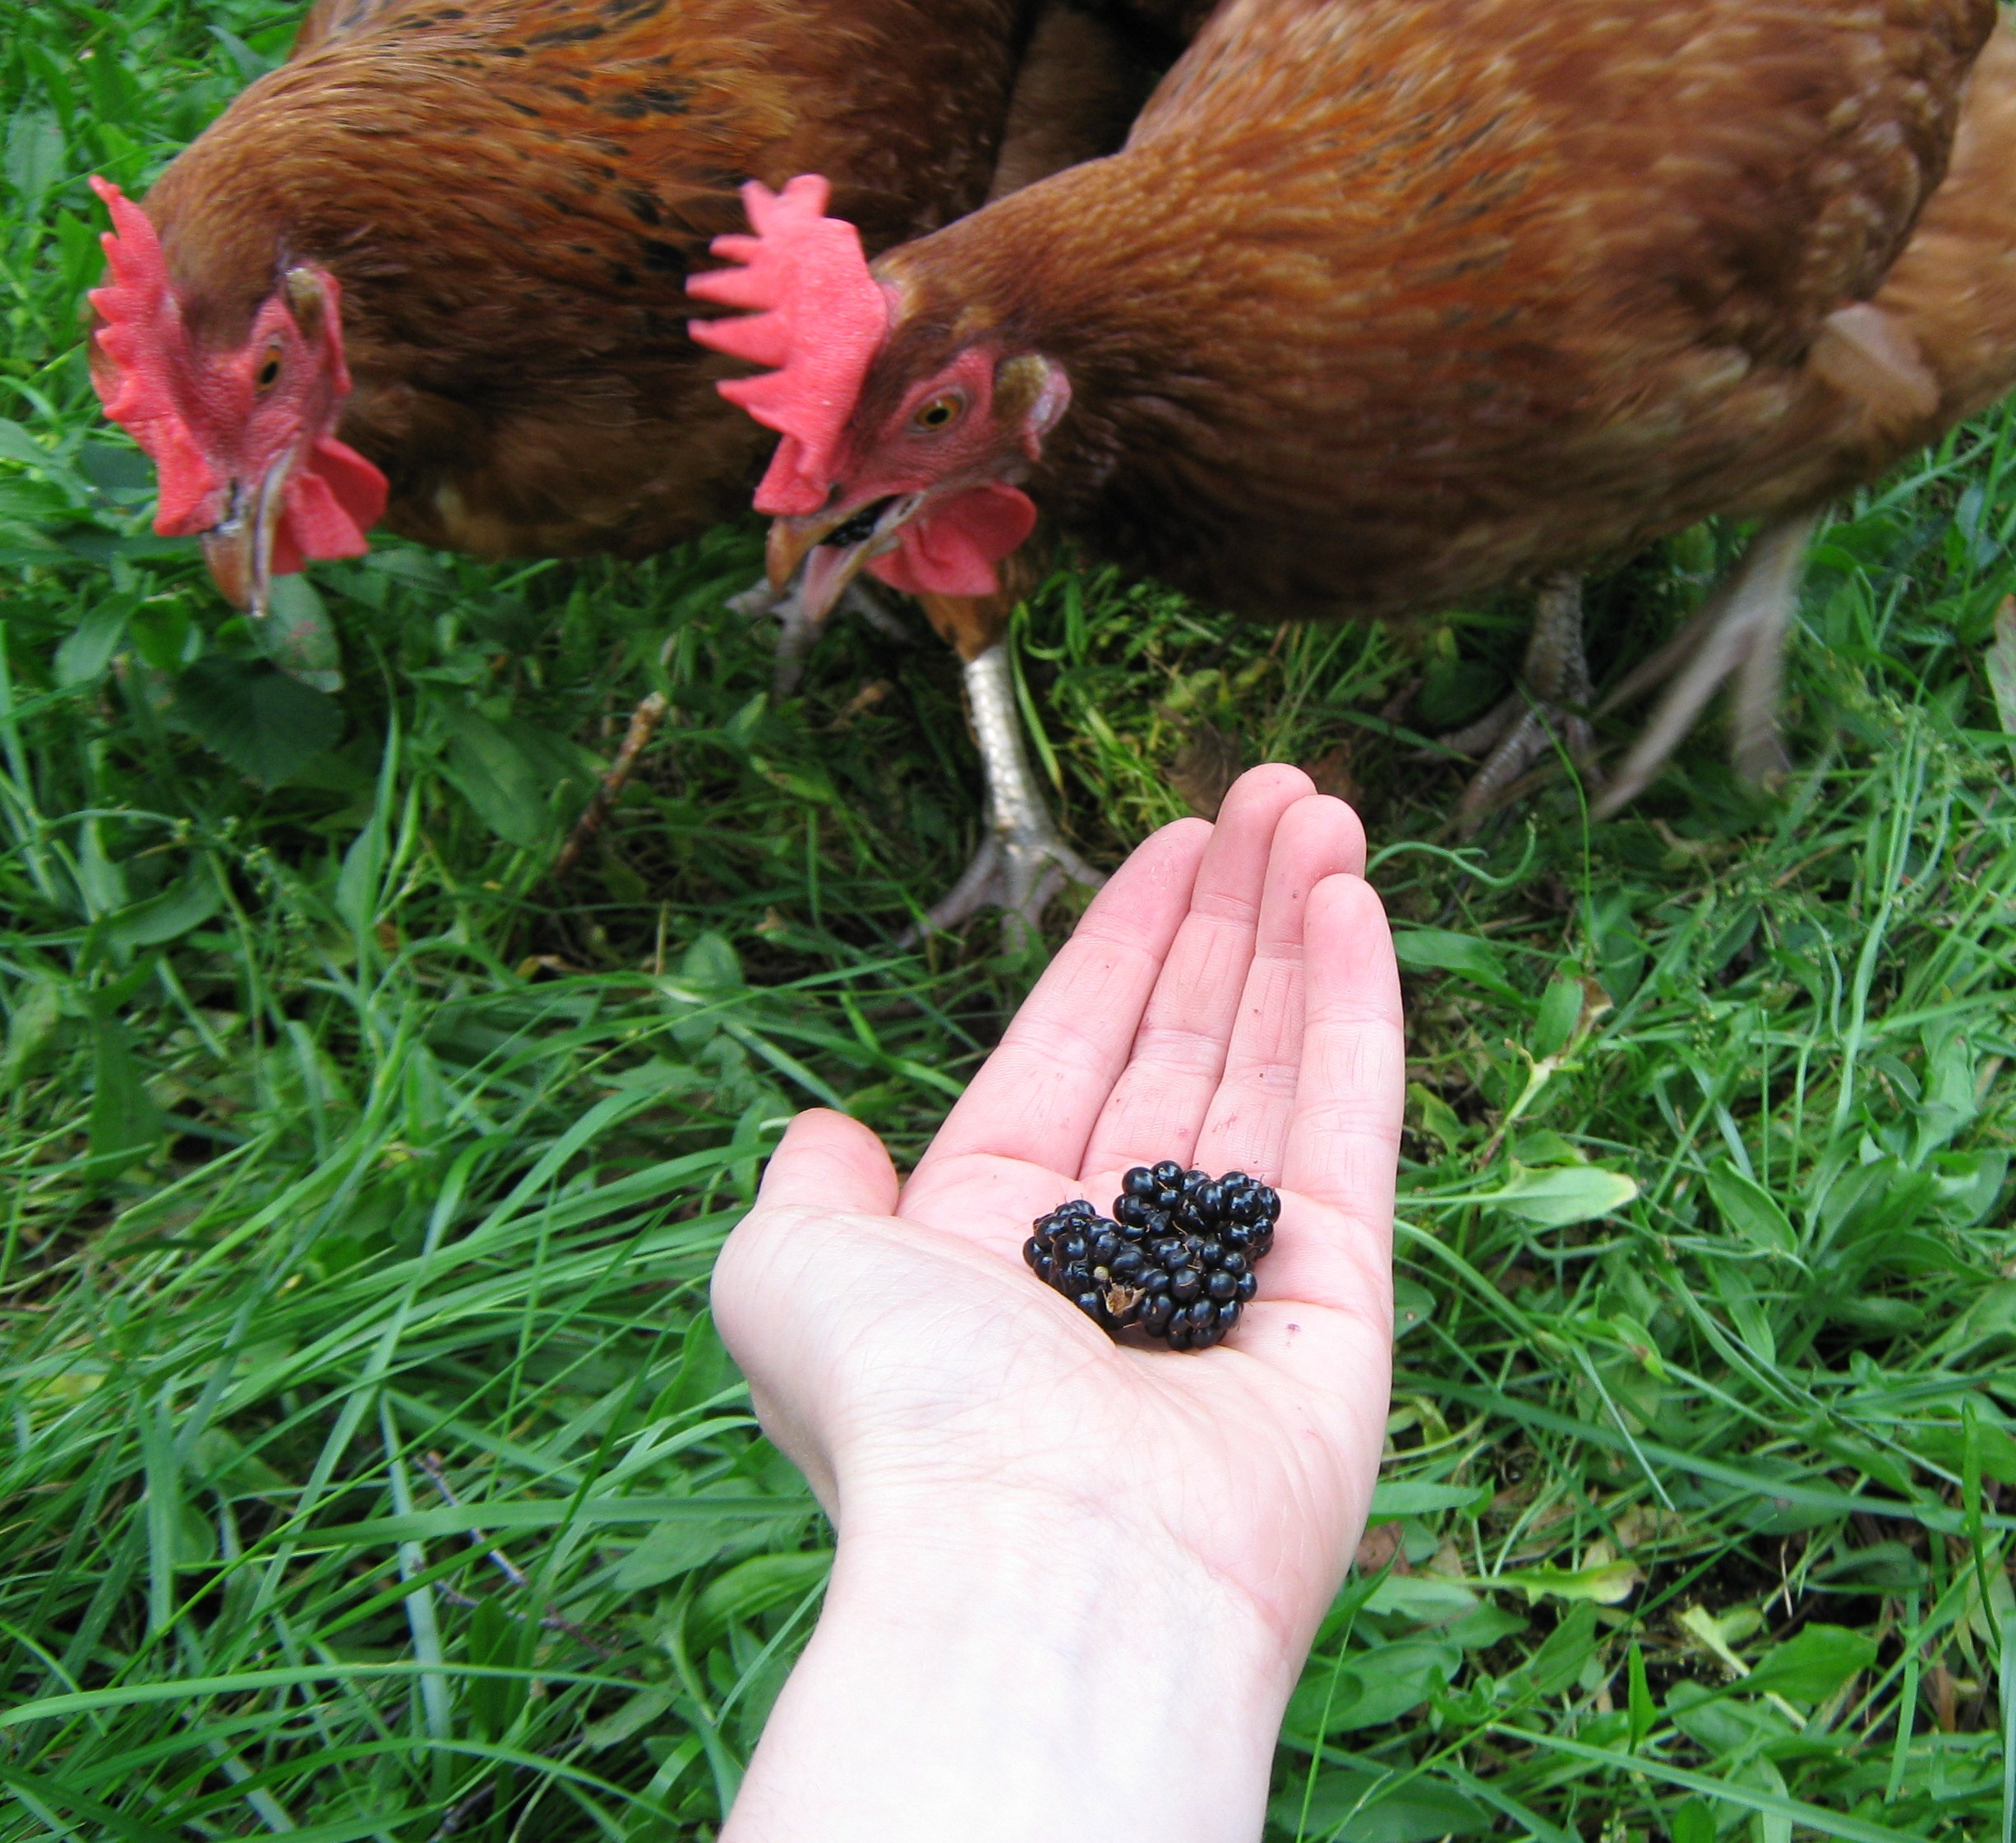 Jessica Umplebys Hühner lieben es, das Fallobst im Garten zu fressen